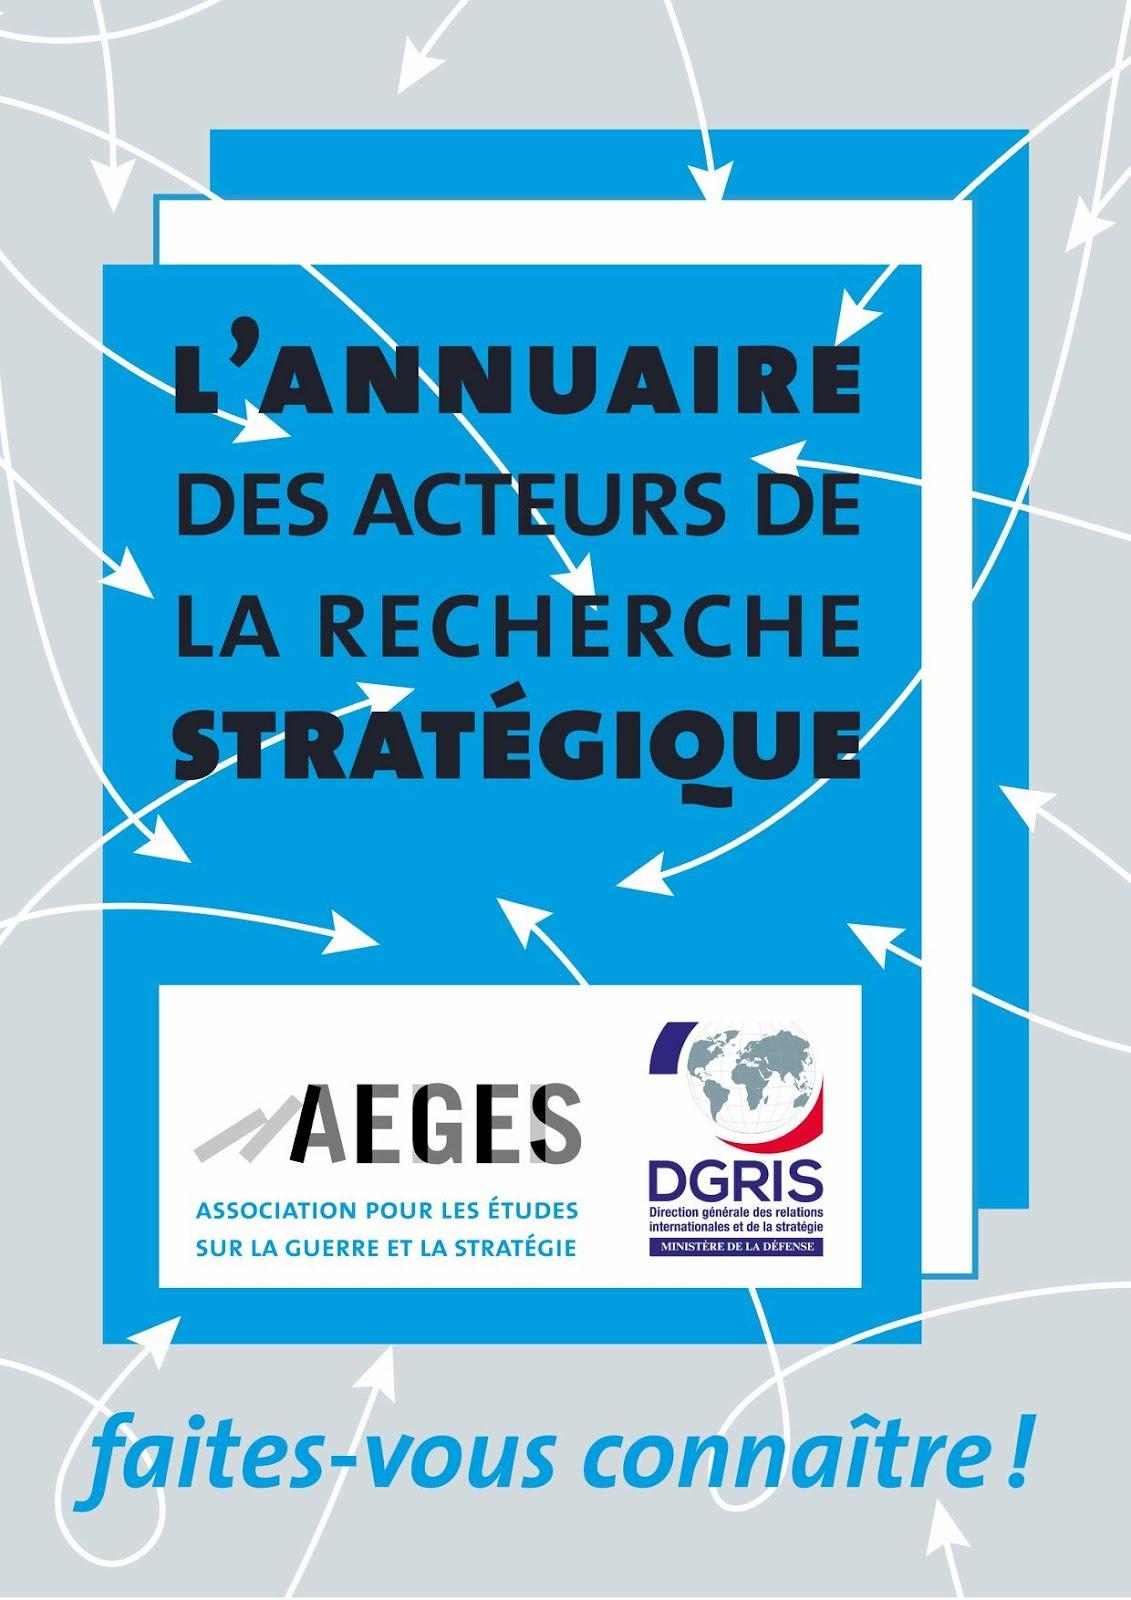 Annuaire Recherche Stratégique